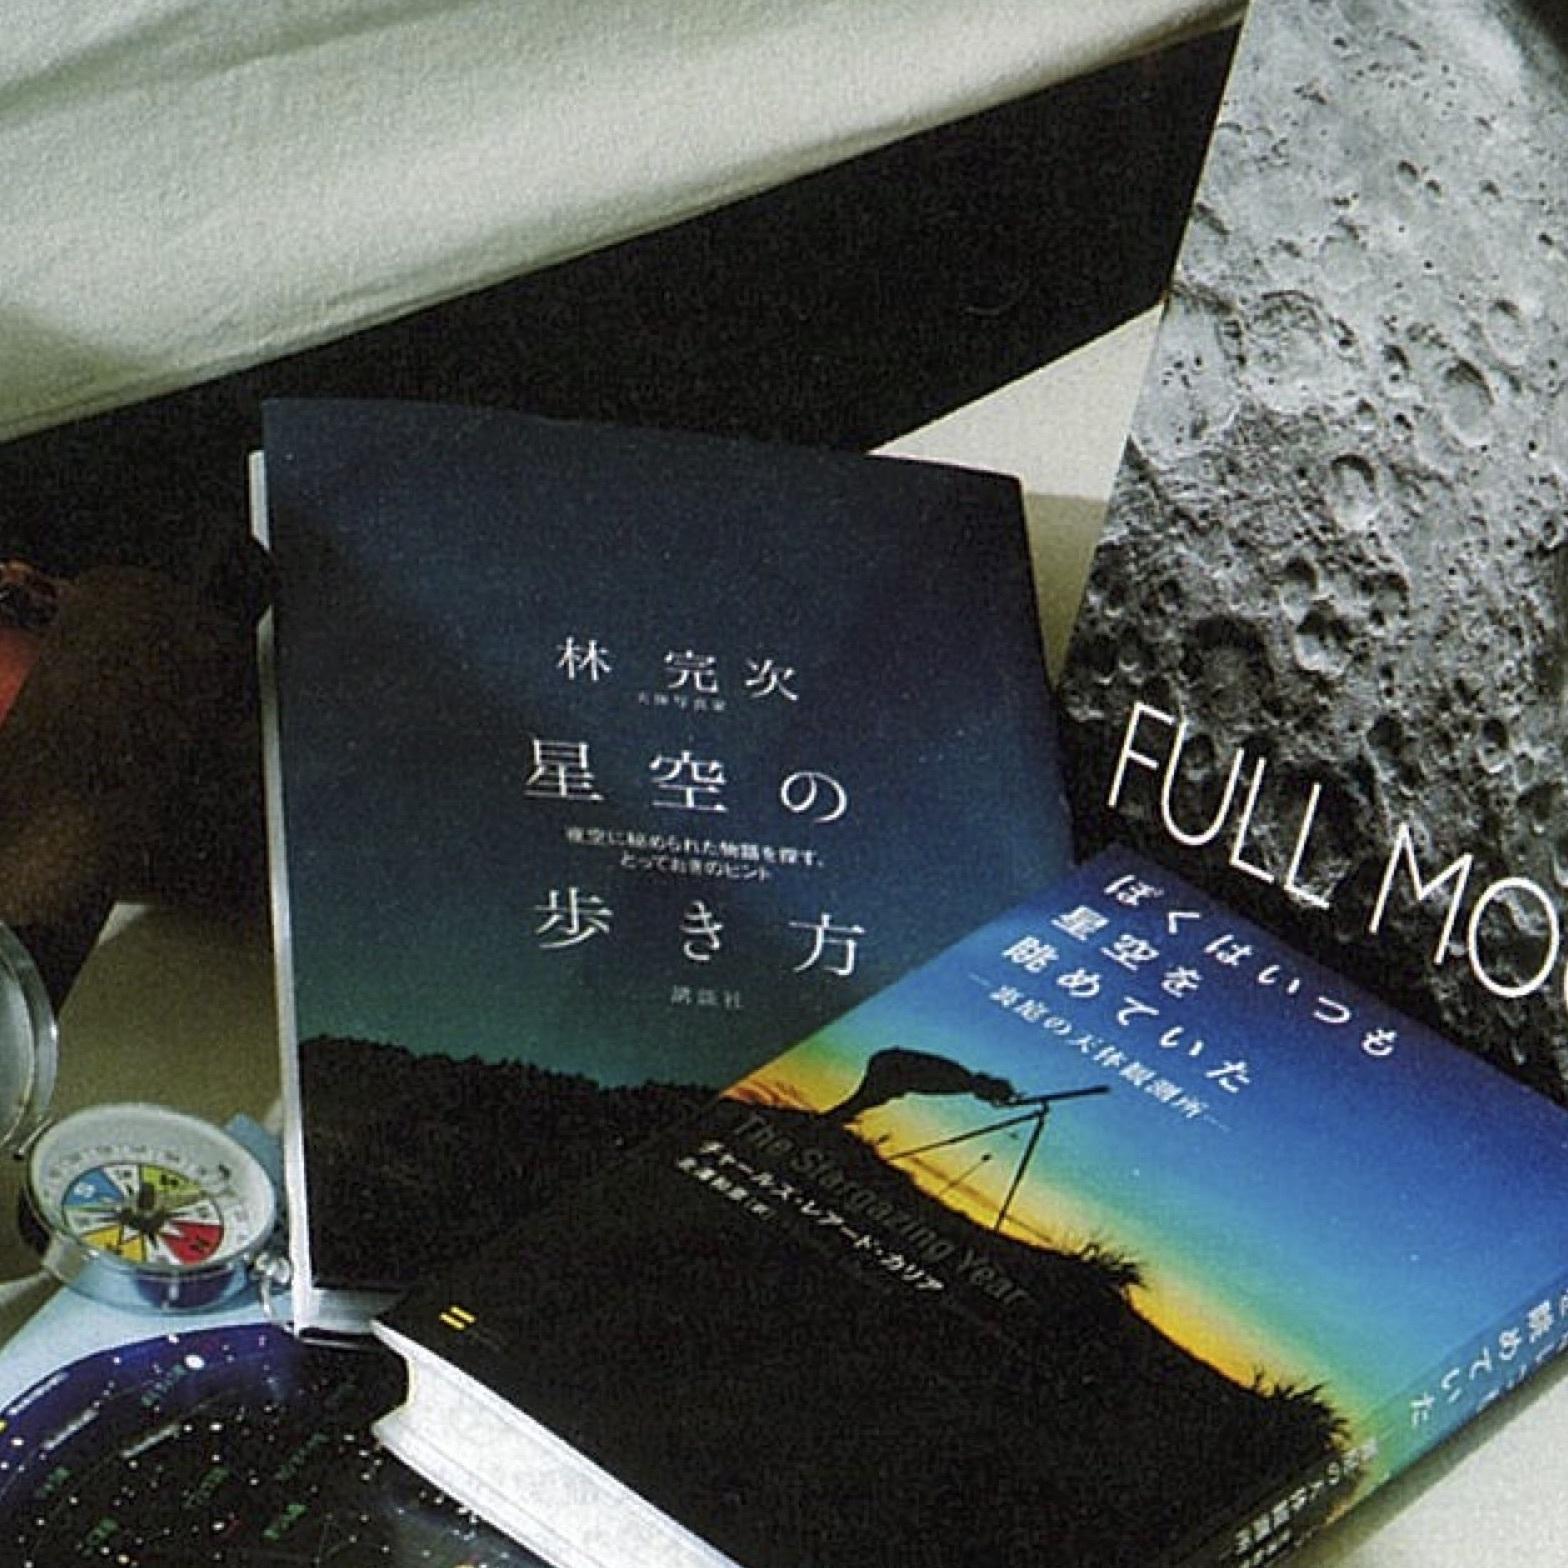 皆既月食の夜にぜひ読みたい「宇宙」を巡る3つの話。<br />